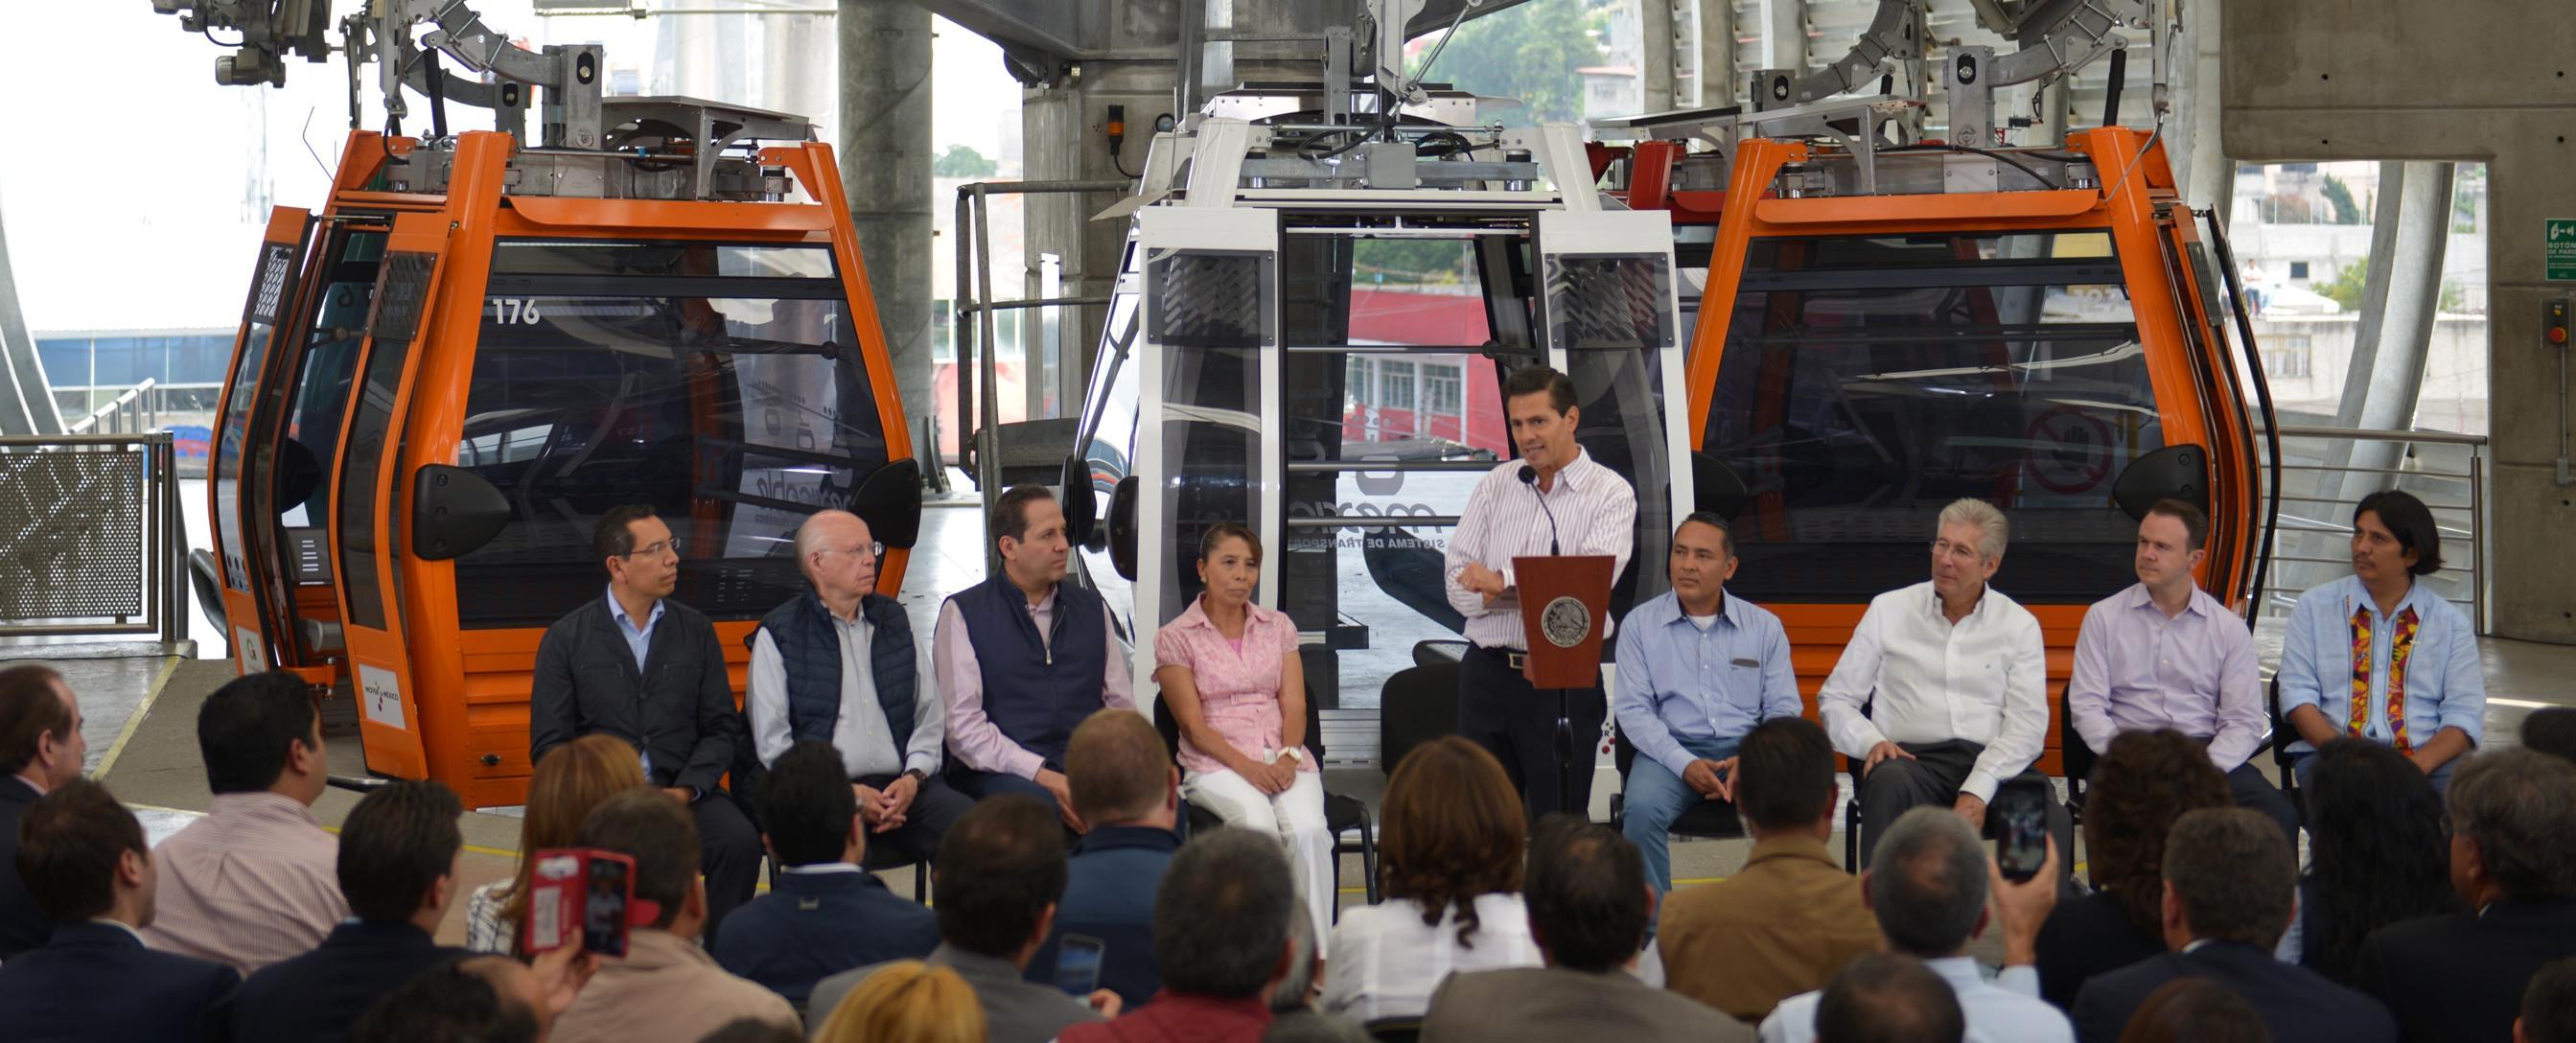 """""""Mexicable Ecatepec"""" es un sistema de transporte masivo que permitirá hacer en 17 minutos un recorrido que antes se hacía entre 30 y 40 minutos, a un costo más económico."""